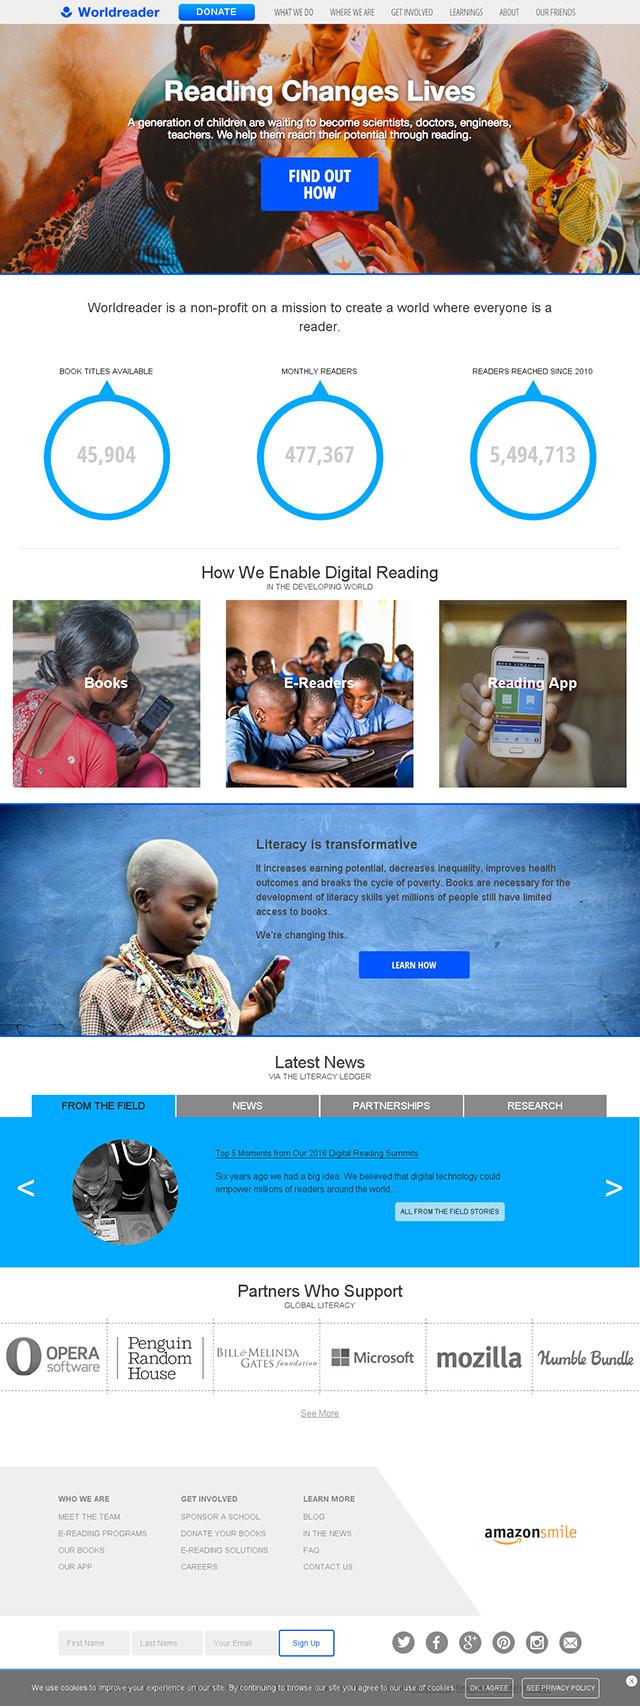 Worldreader website homepage in 2017